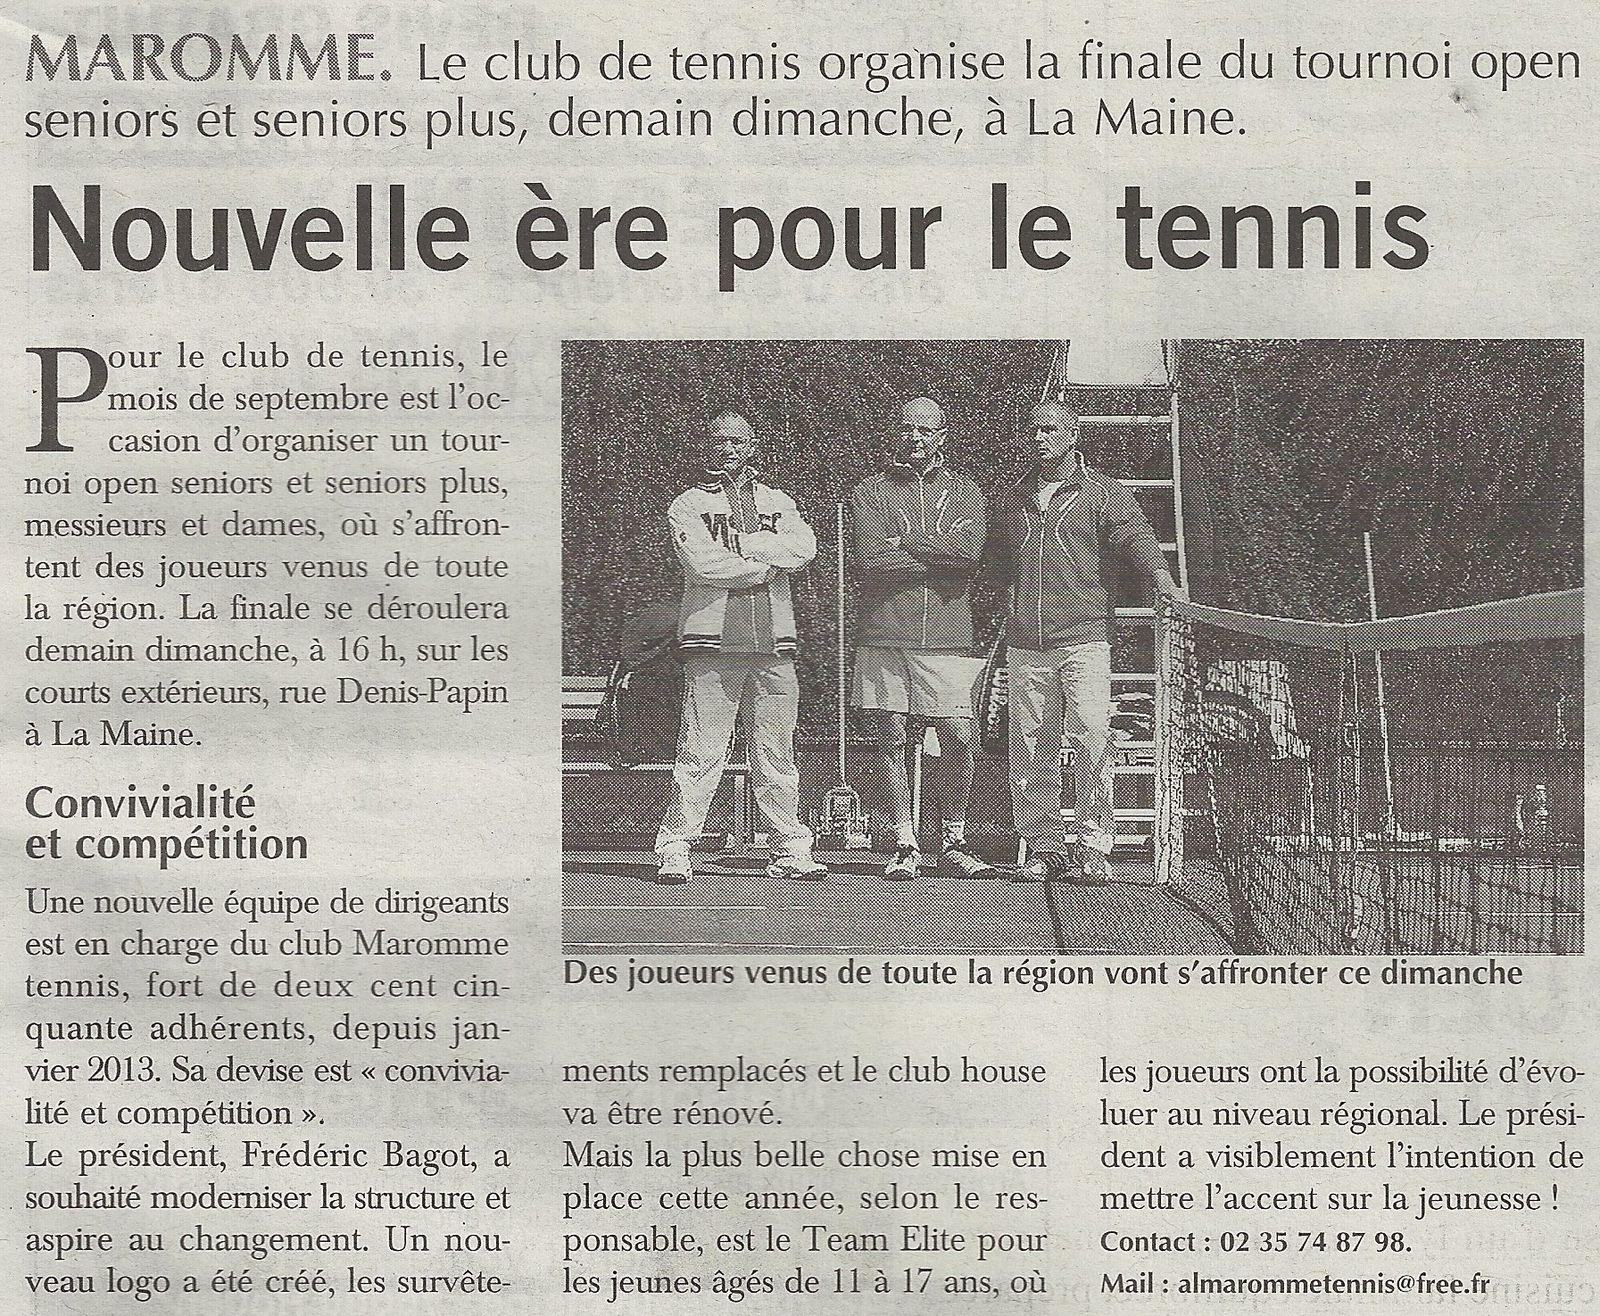 Article paru dans le Paris-Normandie du 21/09